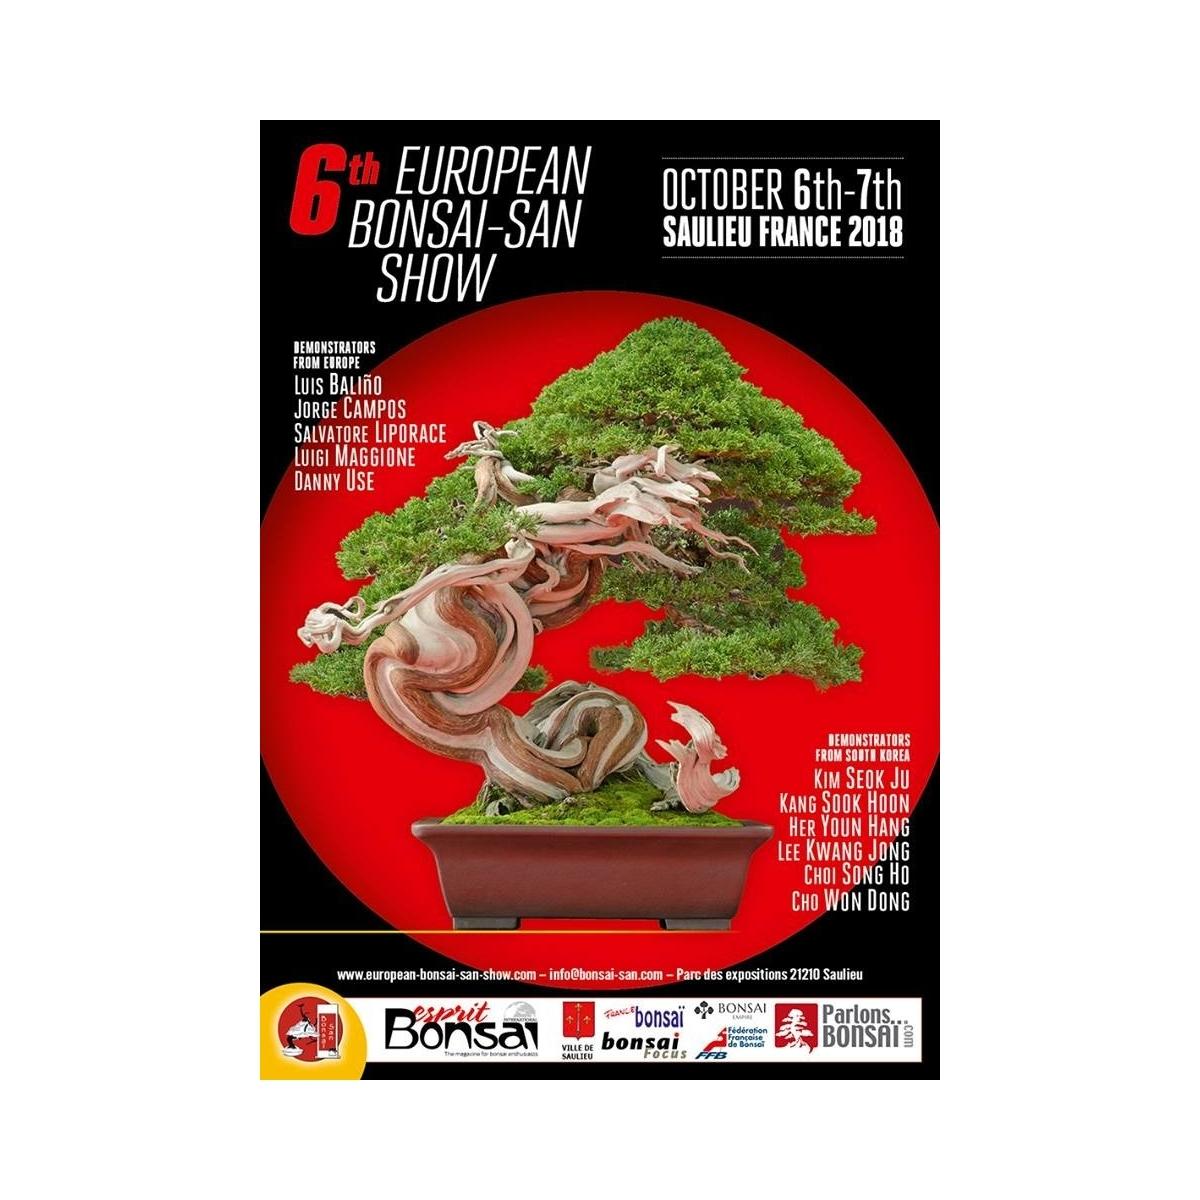 European Bonsai-San Show